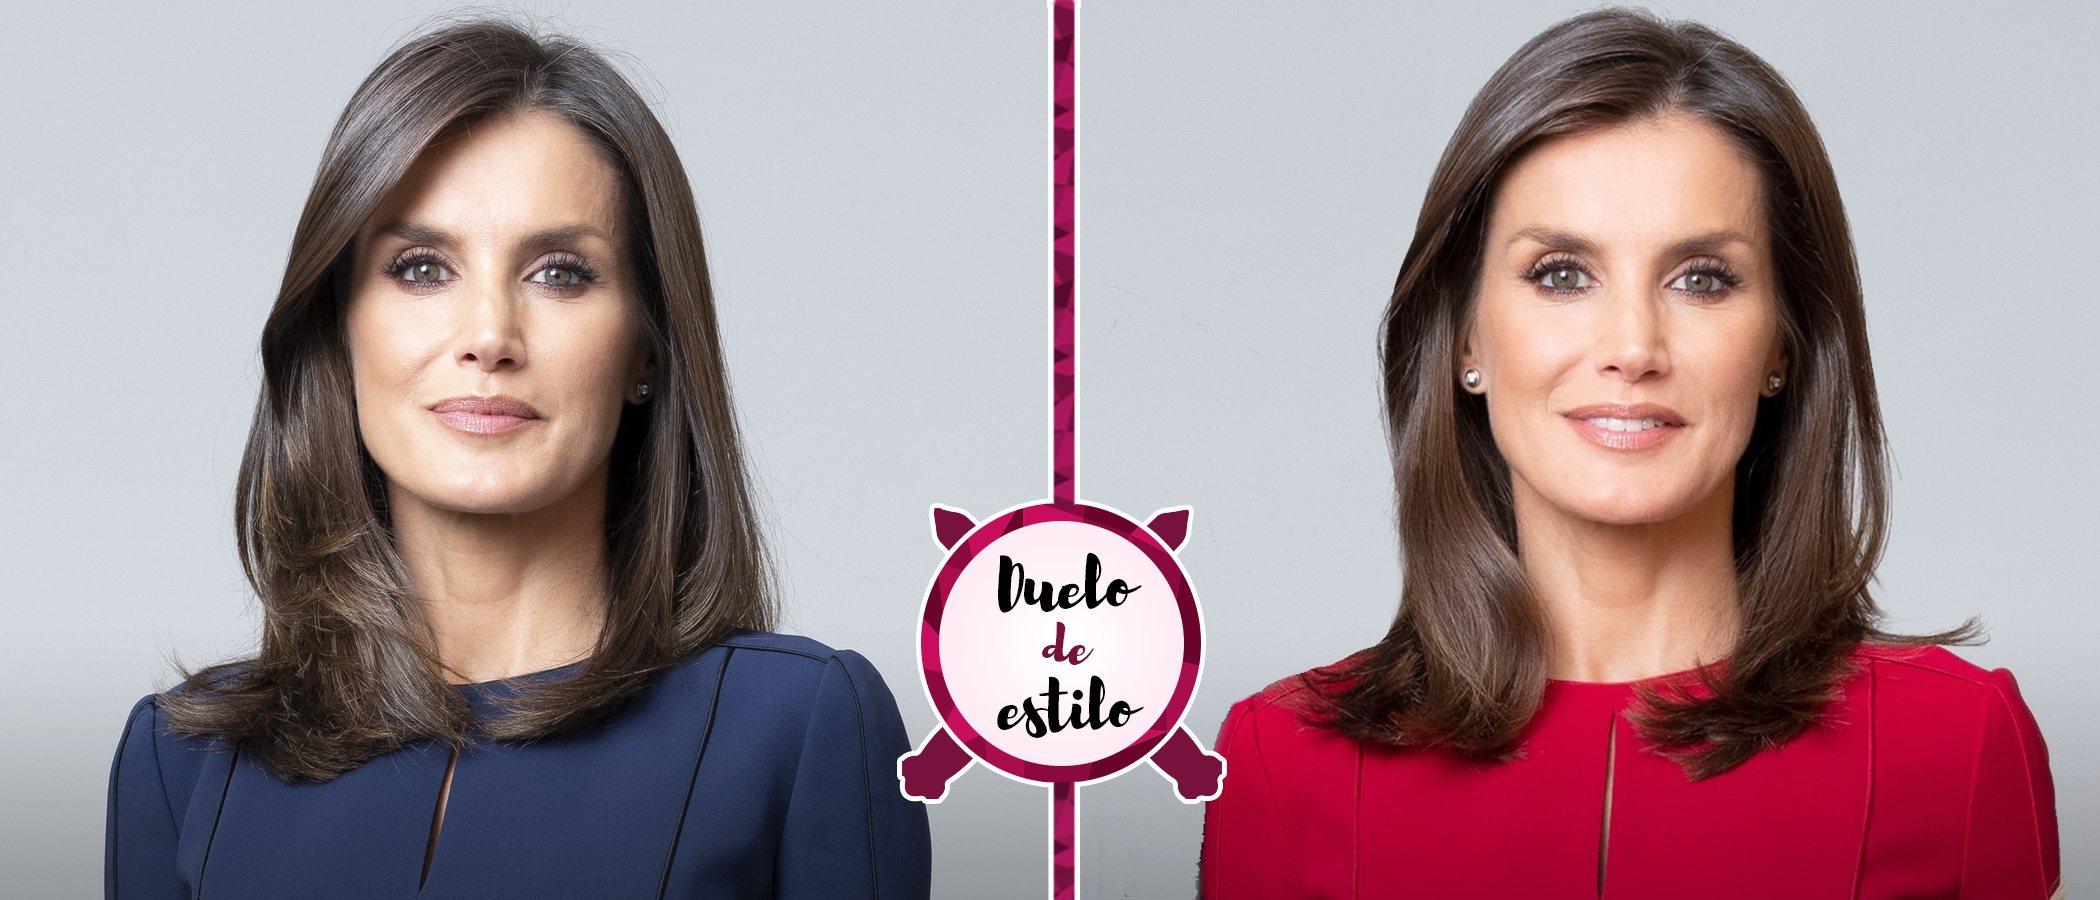 La Reina Letizia escoge el mismo vestido en dos colores diferentes para los nuevos retaros oficiales